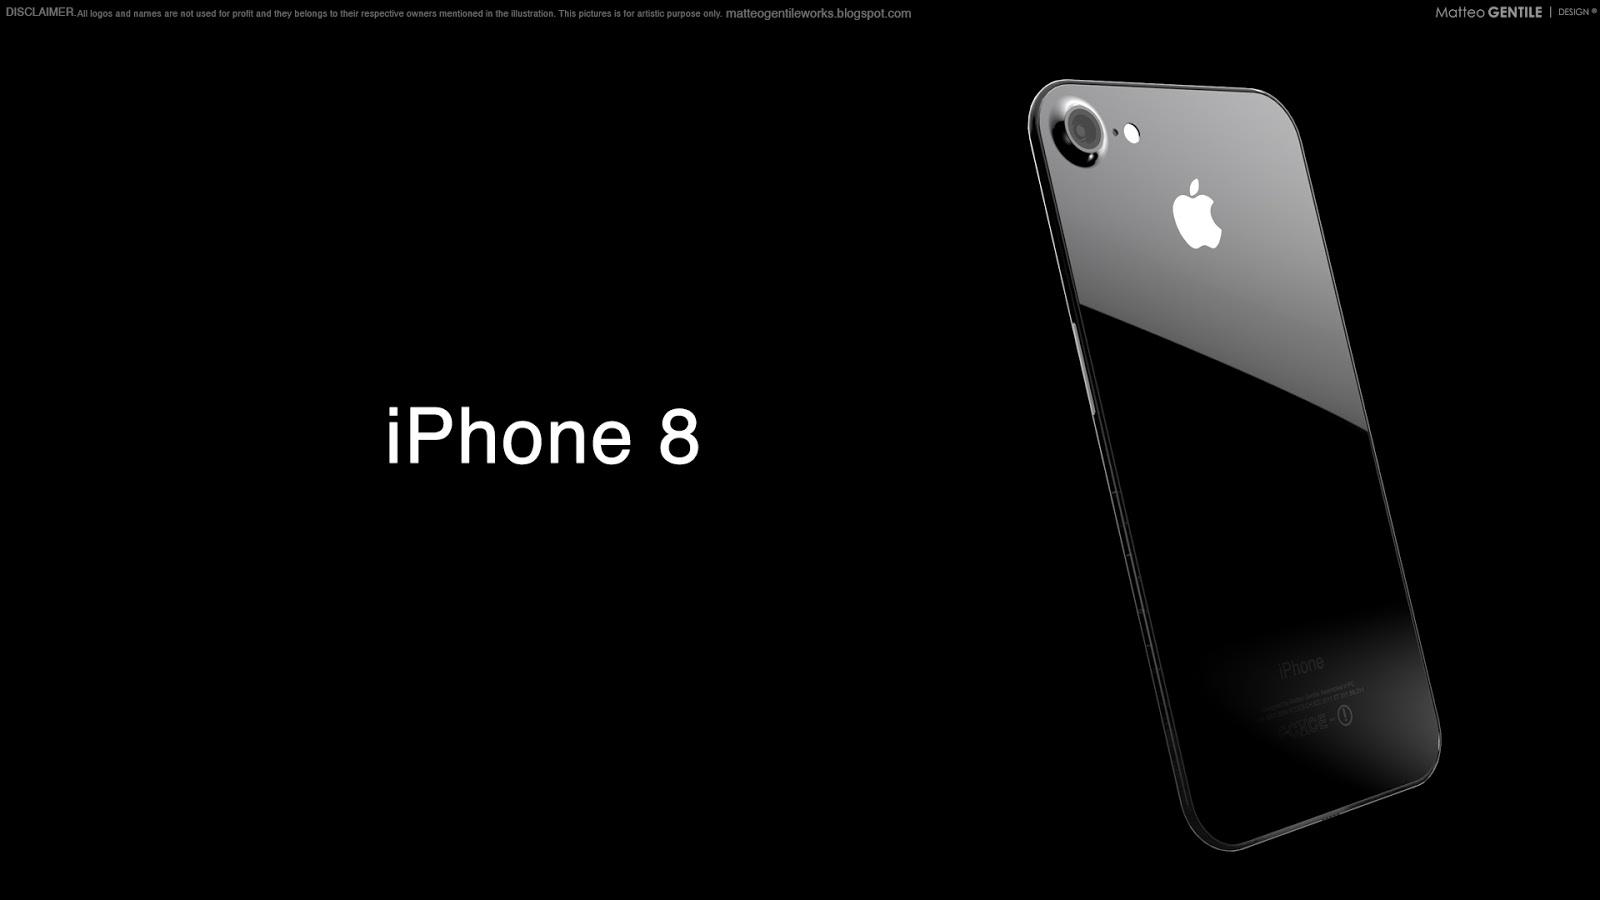 Matteo Gentile iphone 8 concept 8 1024x576 - iPhone 8 : livré sans chargeur sans fil ni adaptateur Lightning / mini-jack ?